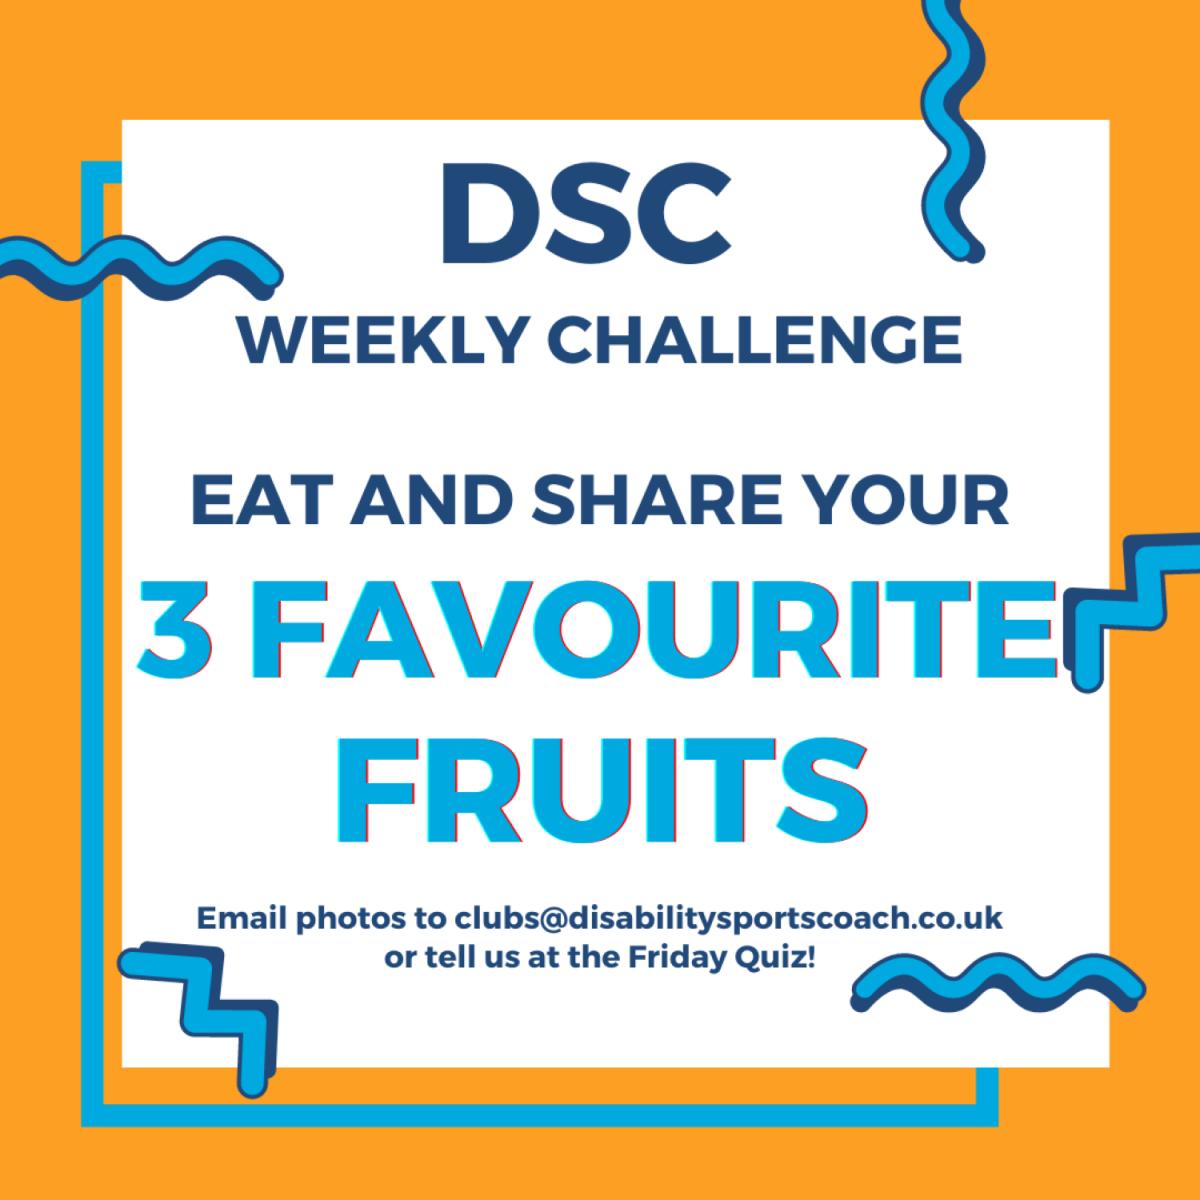 Weekly Challenge - Week 7